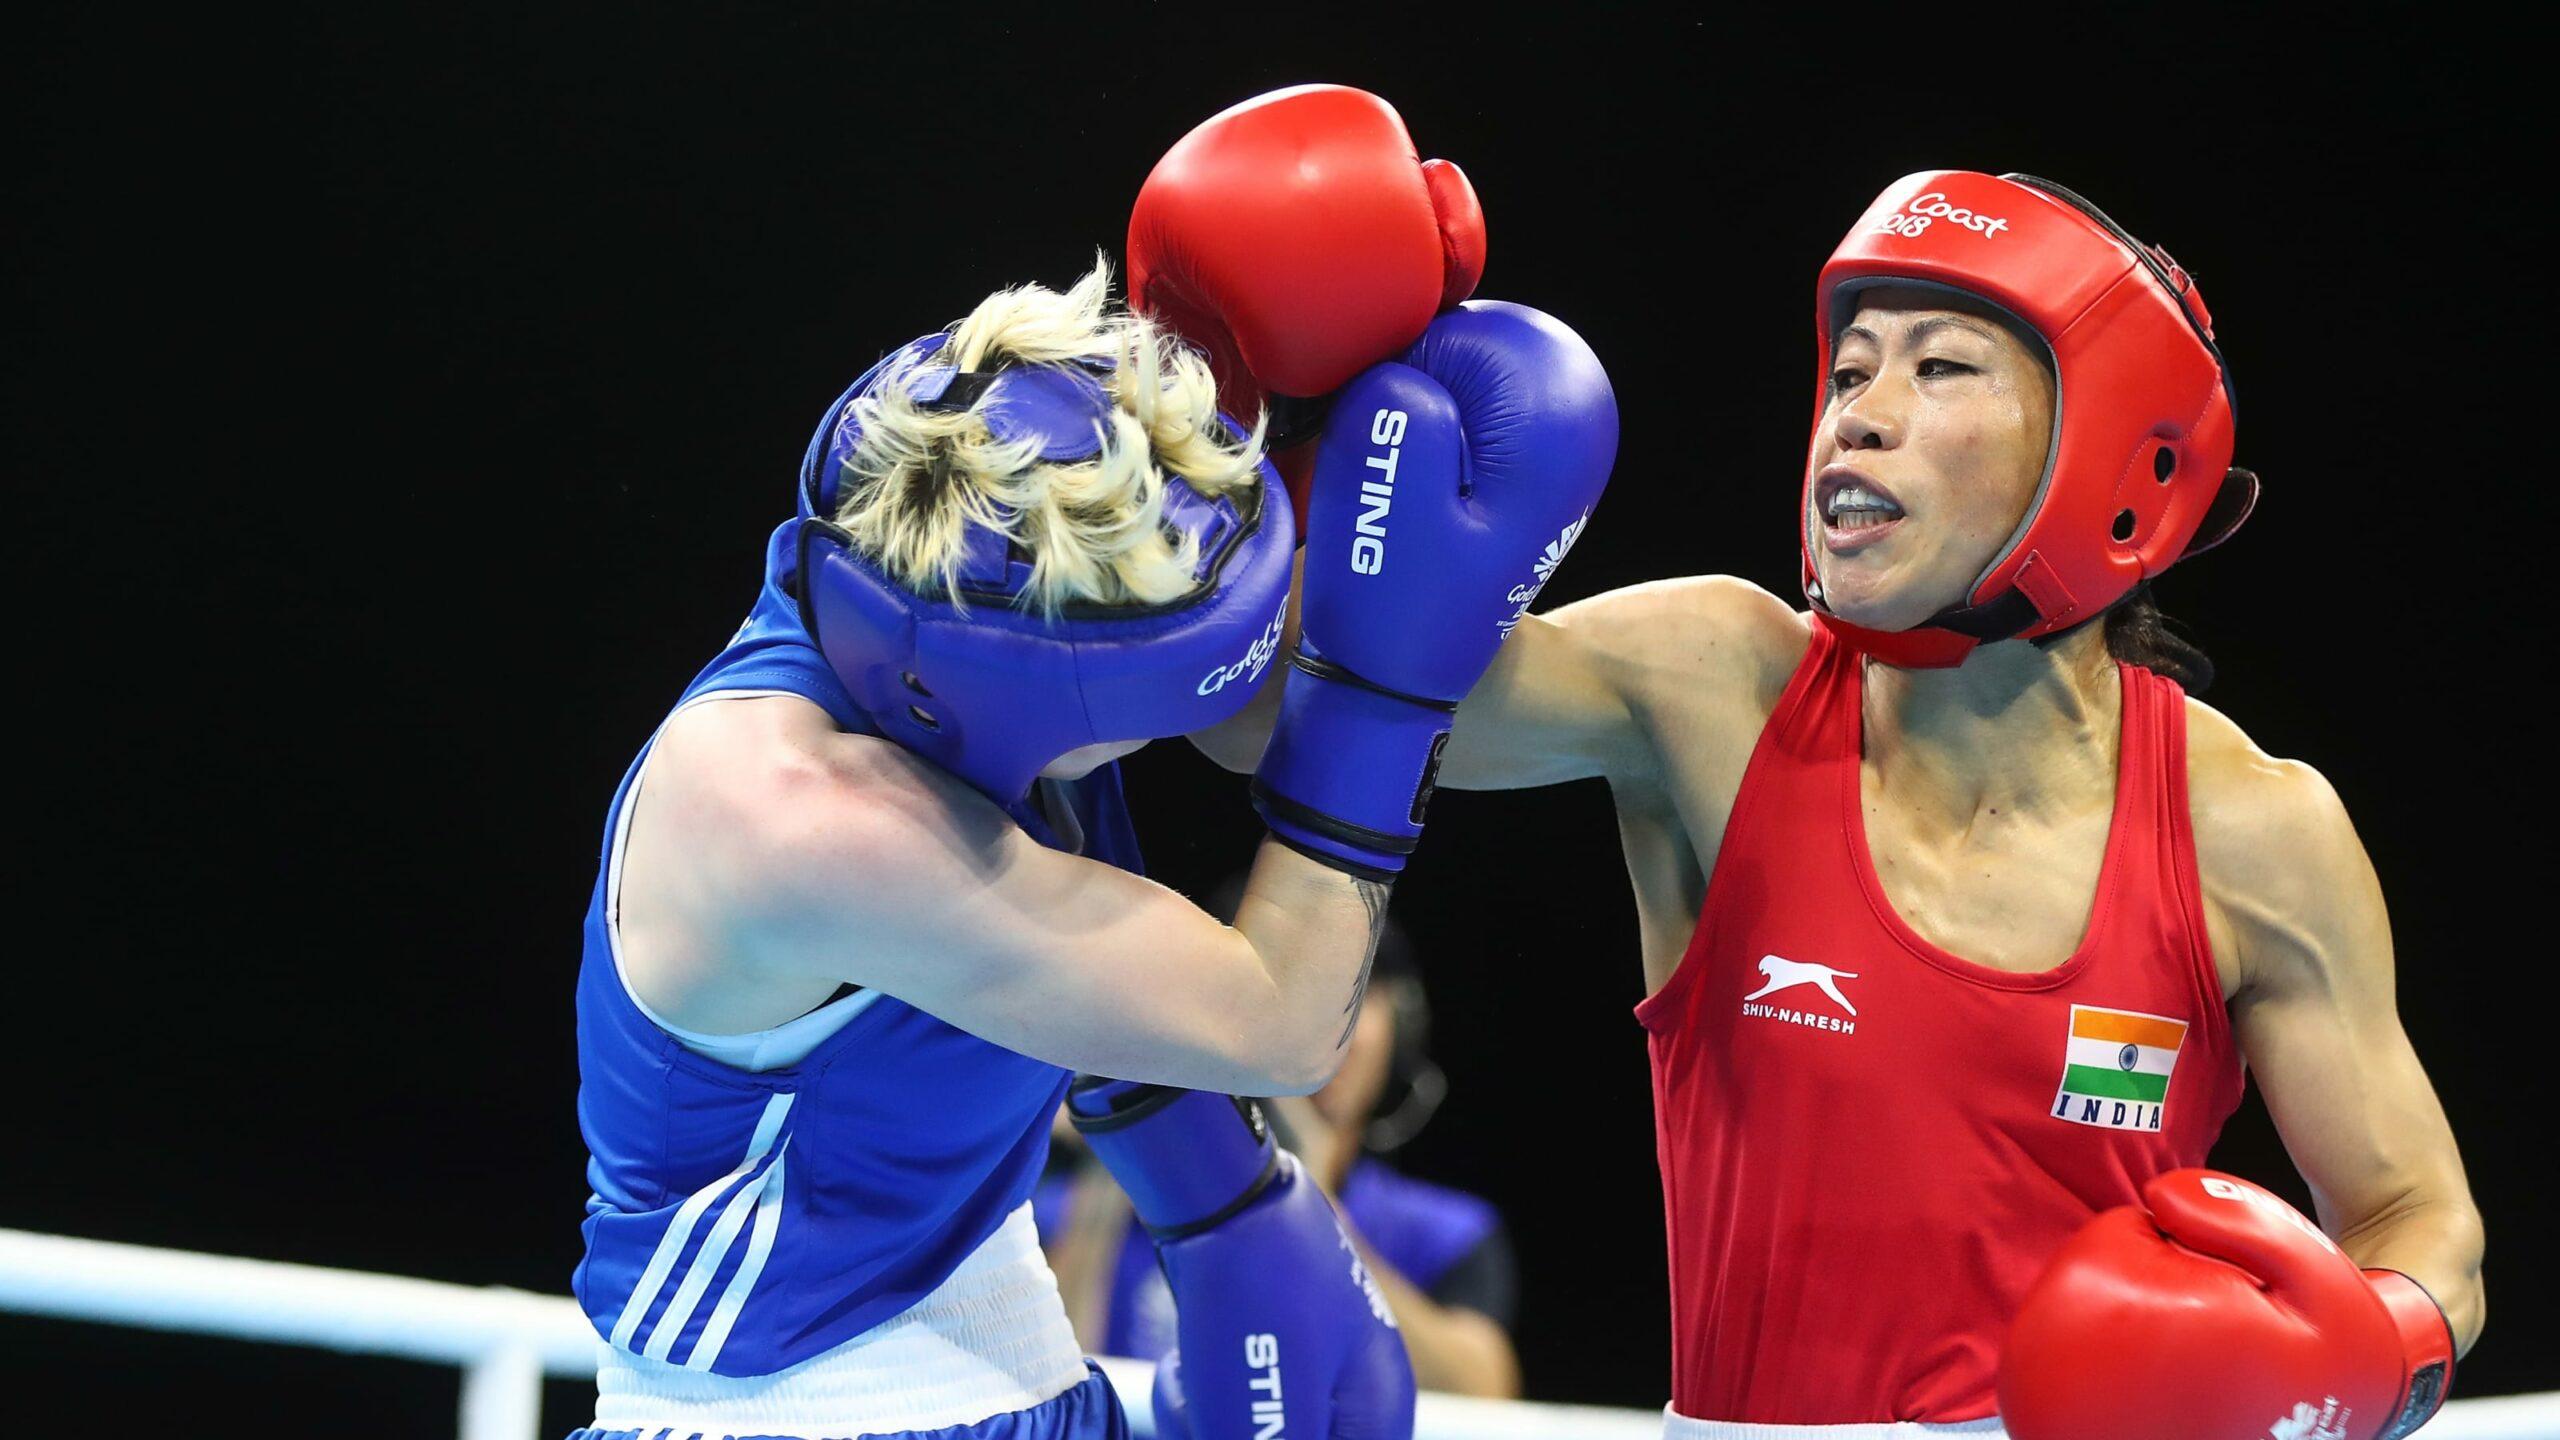 भारतीय बॉक्सर मैरी कॉम को चला 2 घंटे बाद हार का पता, IOC की बॉक्सिंग टास्क फोर्स पर लगाये आरोप, कहा- उन्होंने हद कर दी